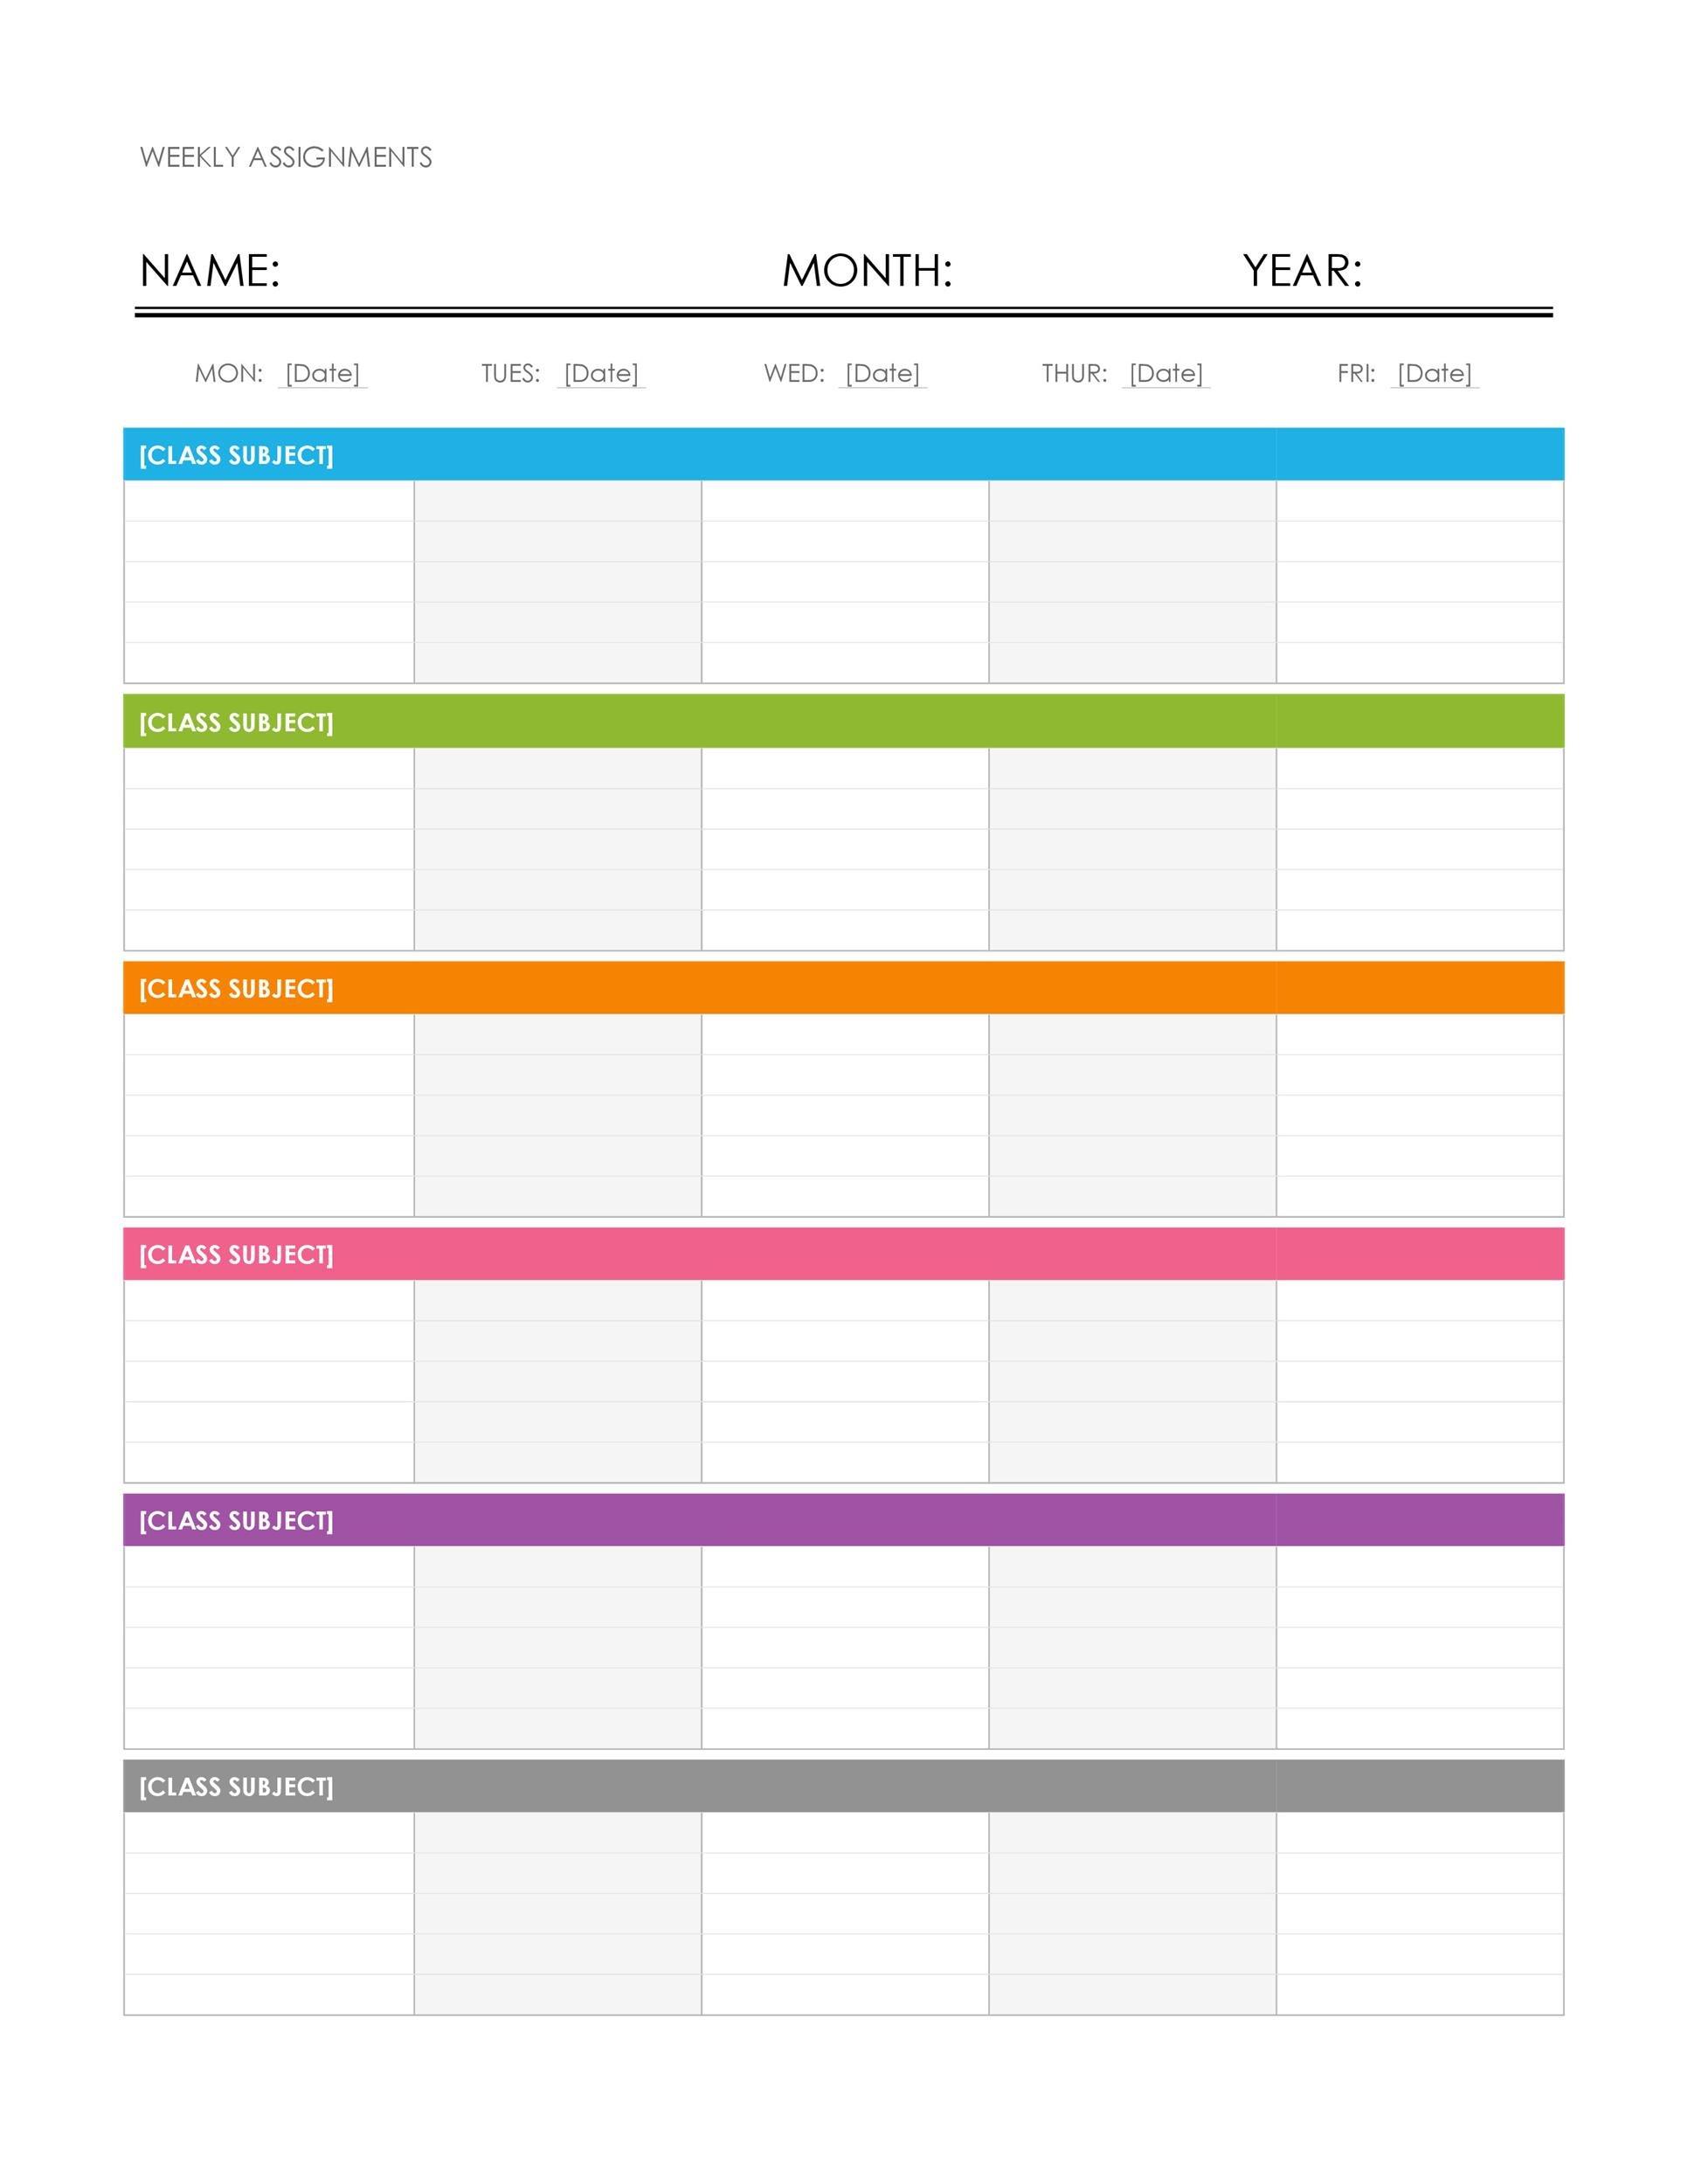 26 Blank Weekly Calendar Templates [Pdf, Excel, Word] ᐅ Templet One Week Calender